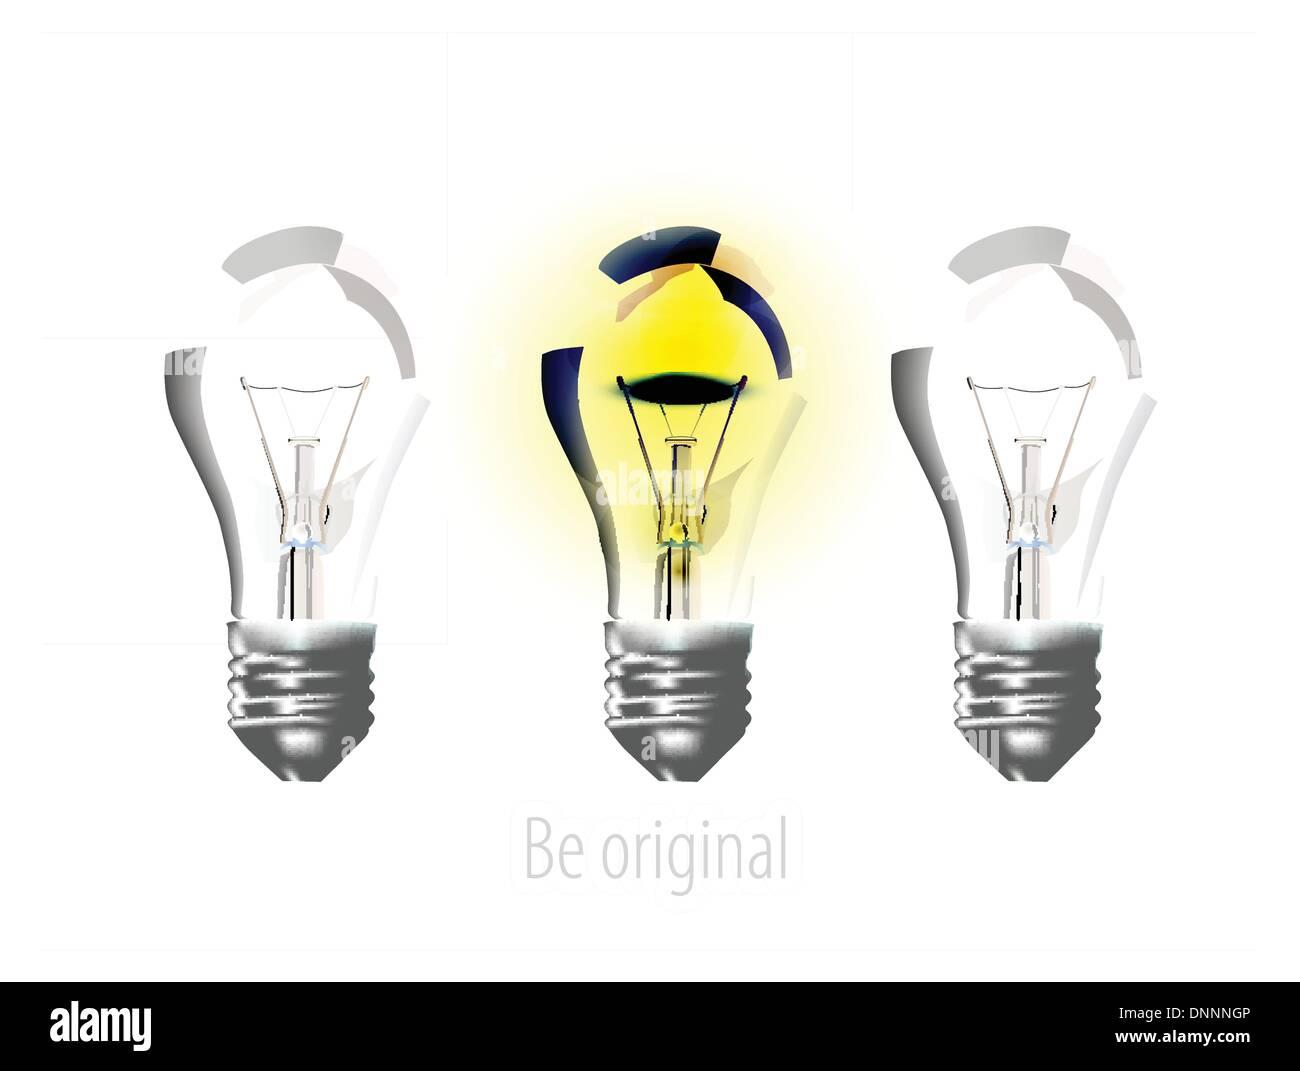 Lámparas realista sobre blanco Imagen De Stock